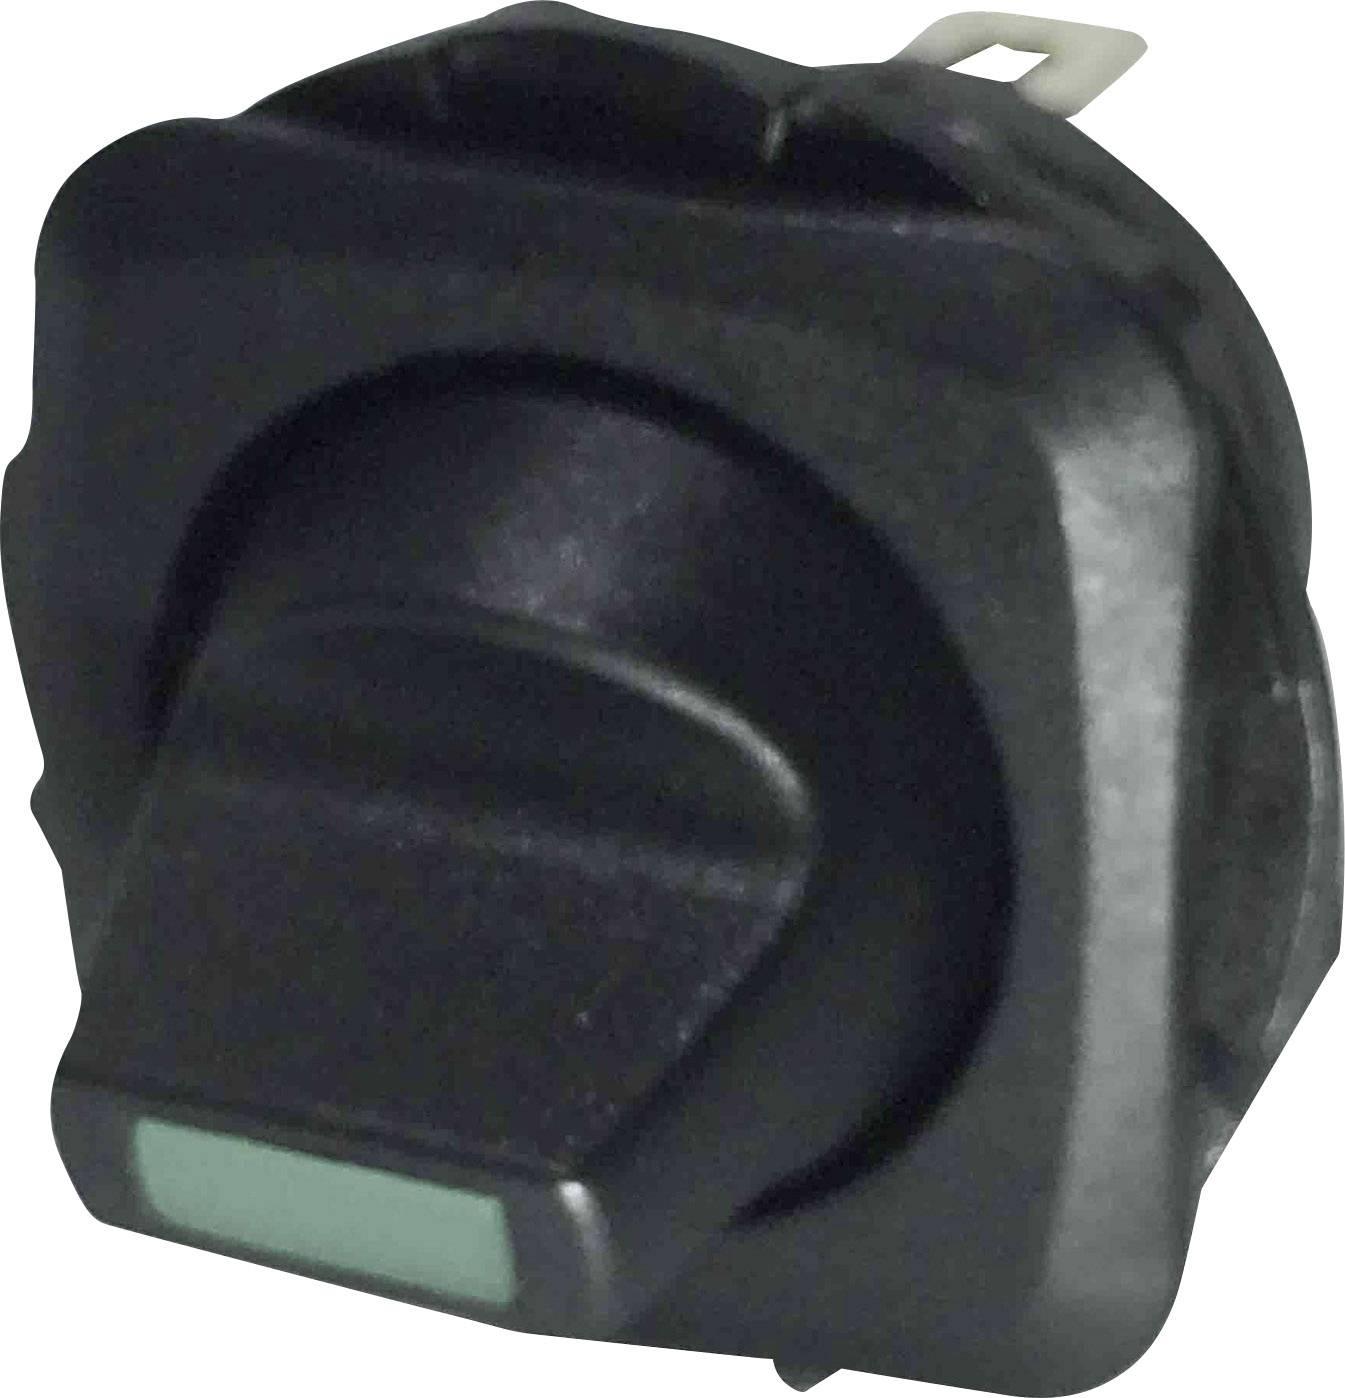 Kolískový spínač s aretáciou SCI R13-135LP-02, 250 V/AC, 10 A